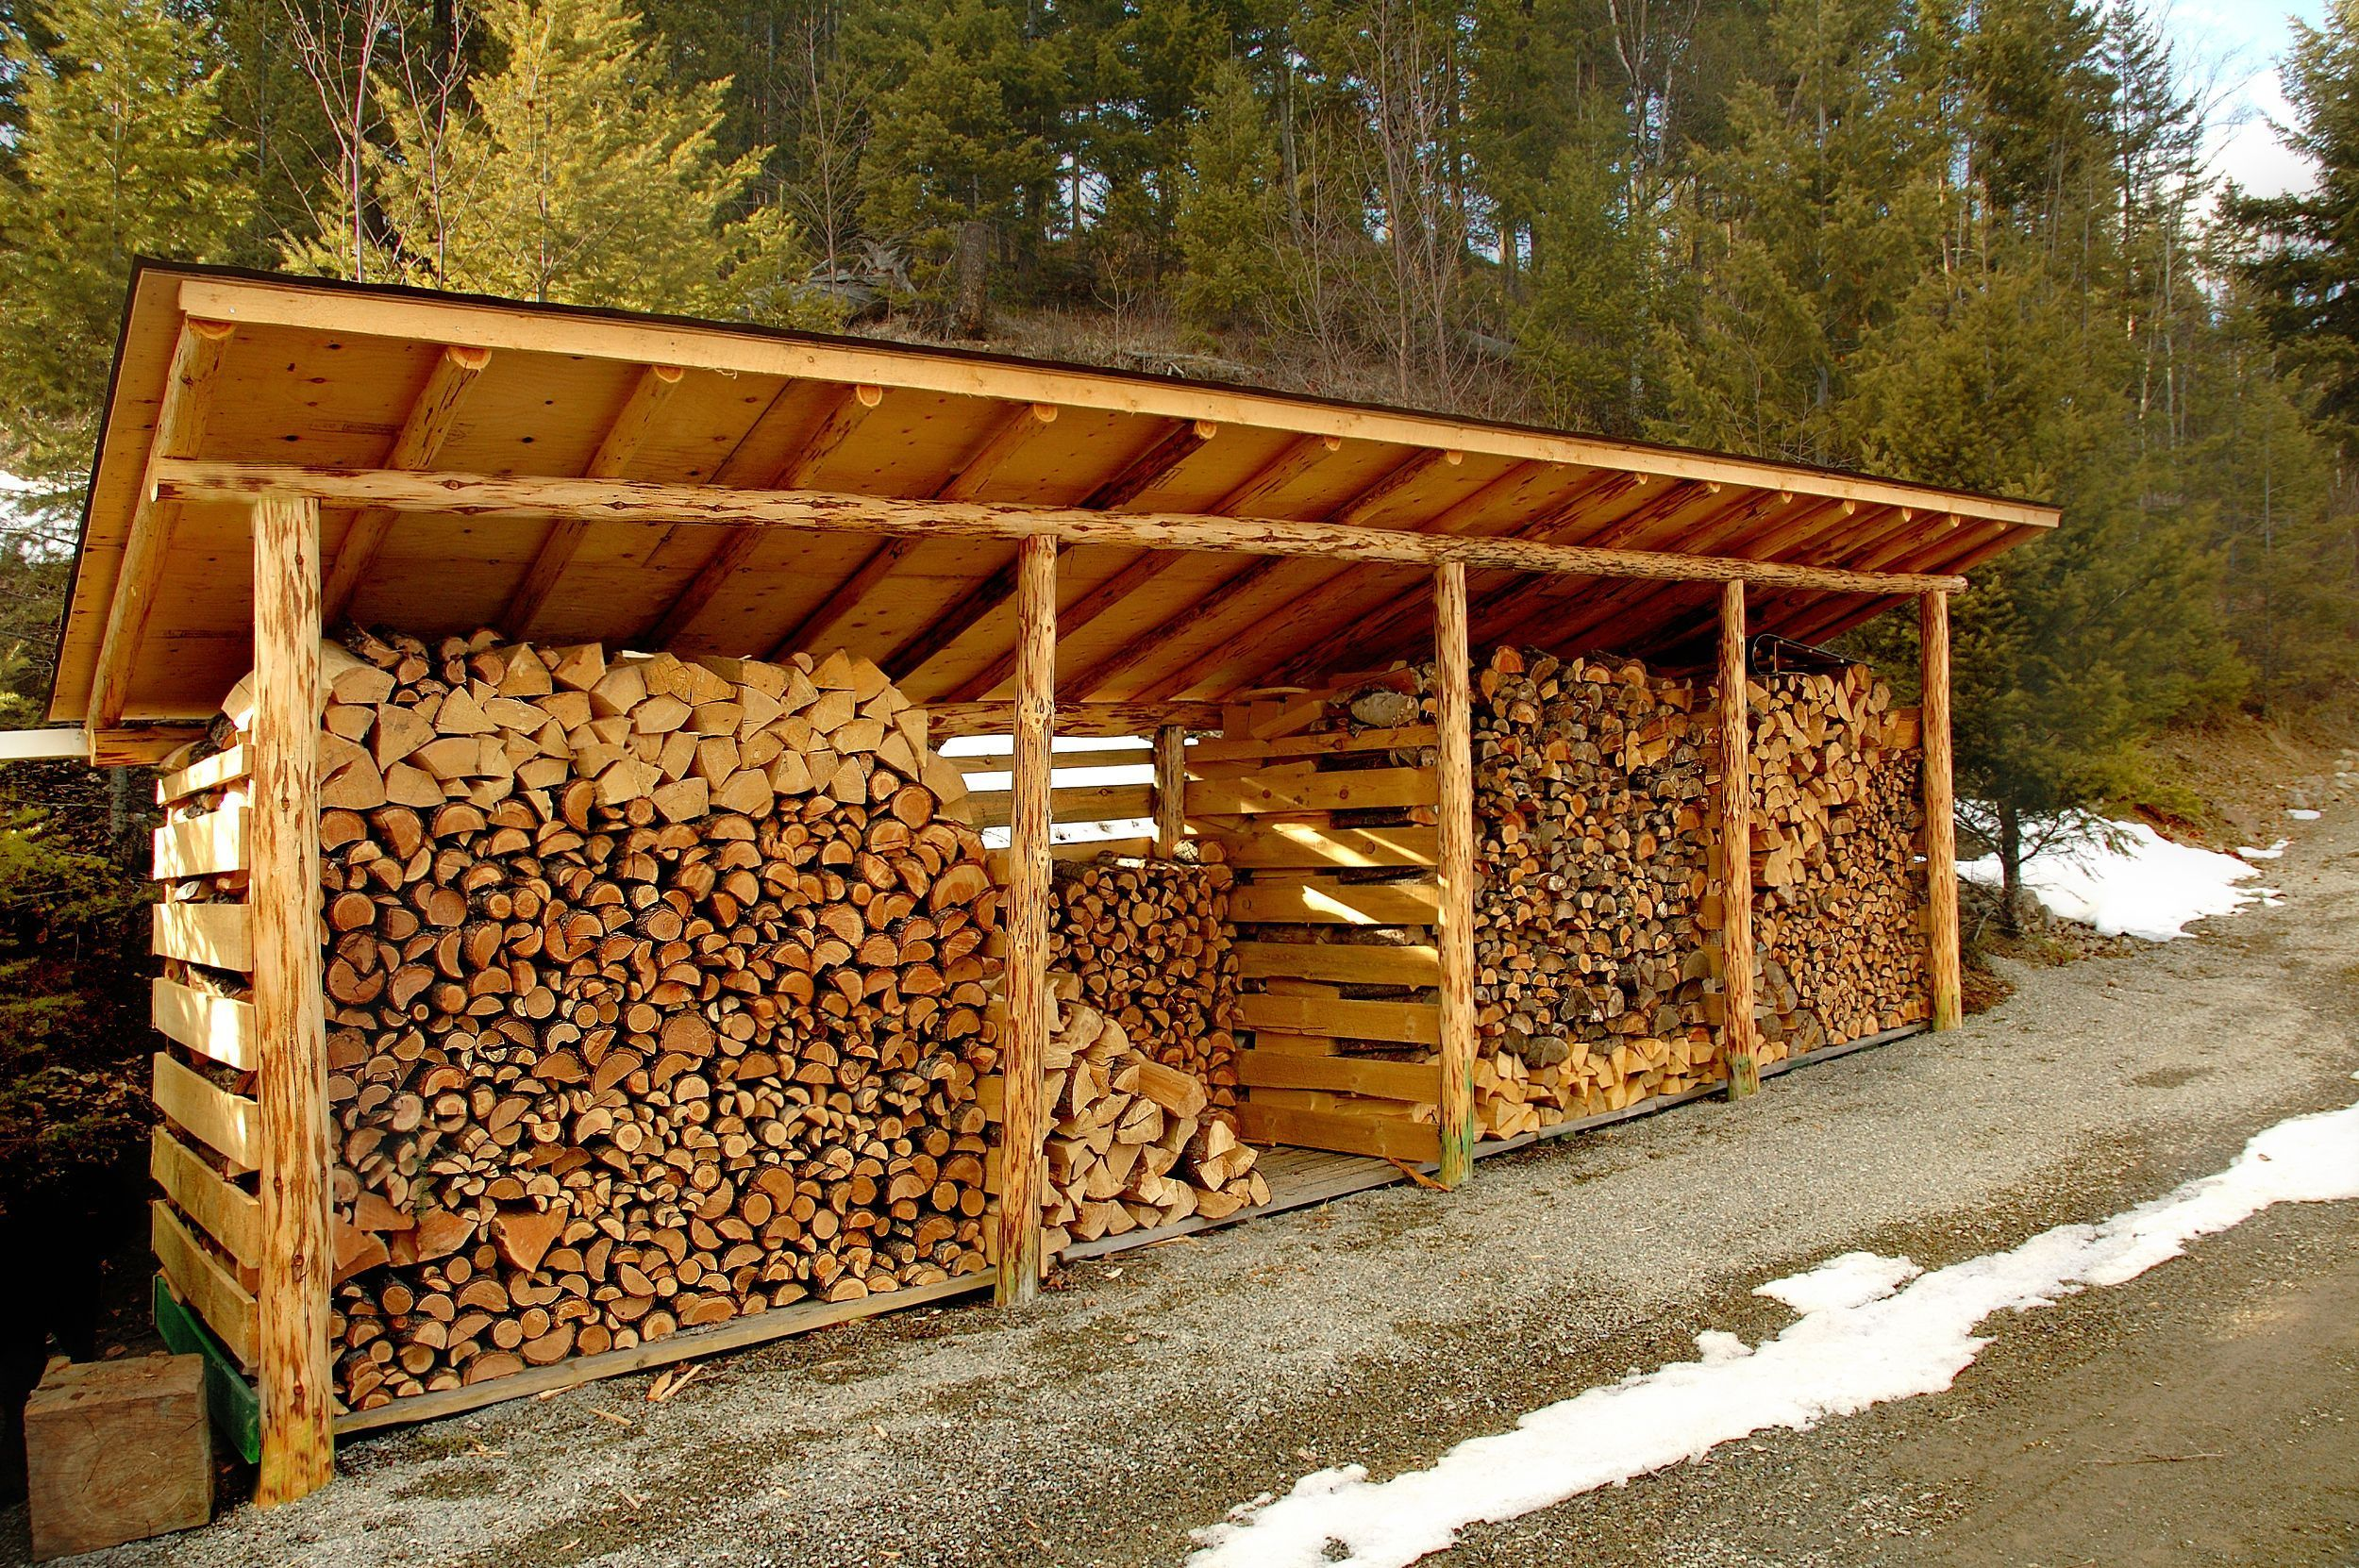 Abris A Bois Hangar A Bois Stockage De Bois De Chauffage Stockage De Bois